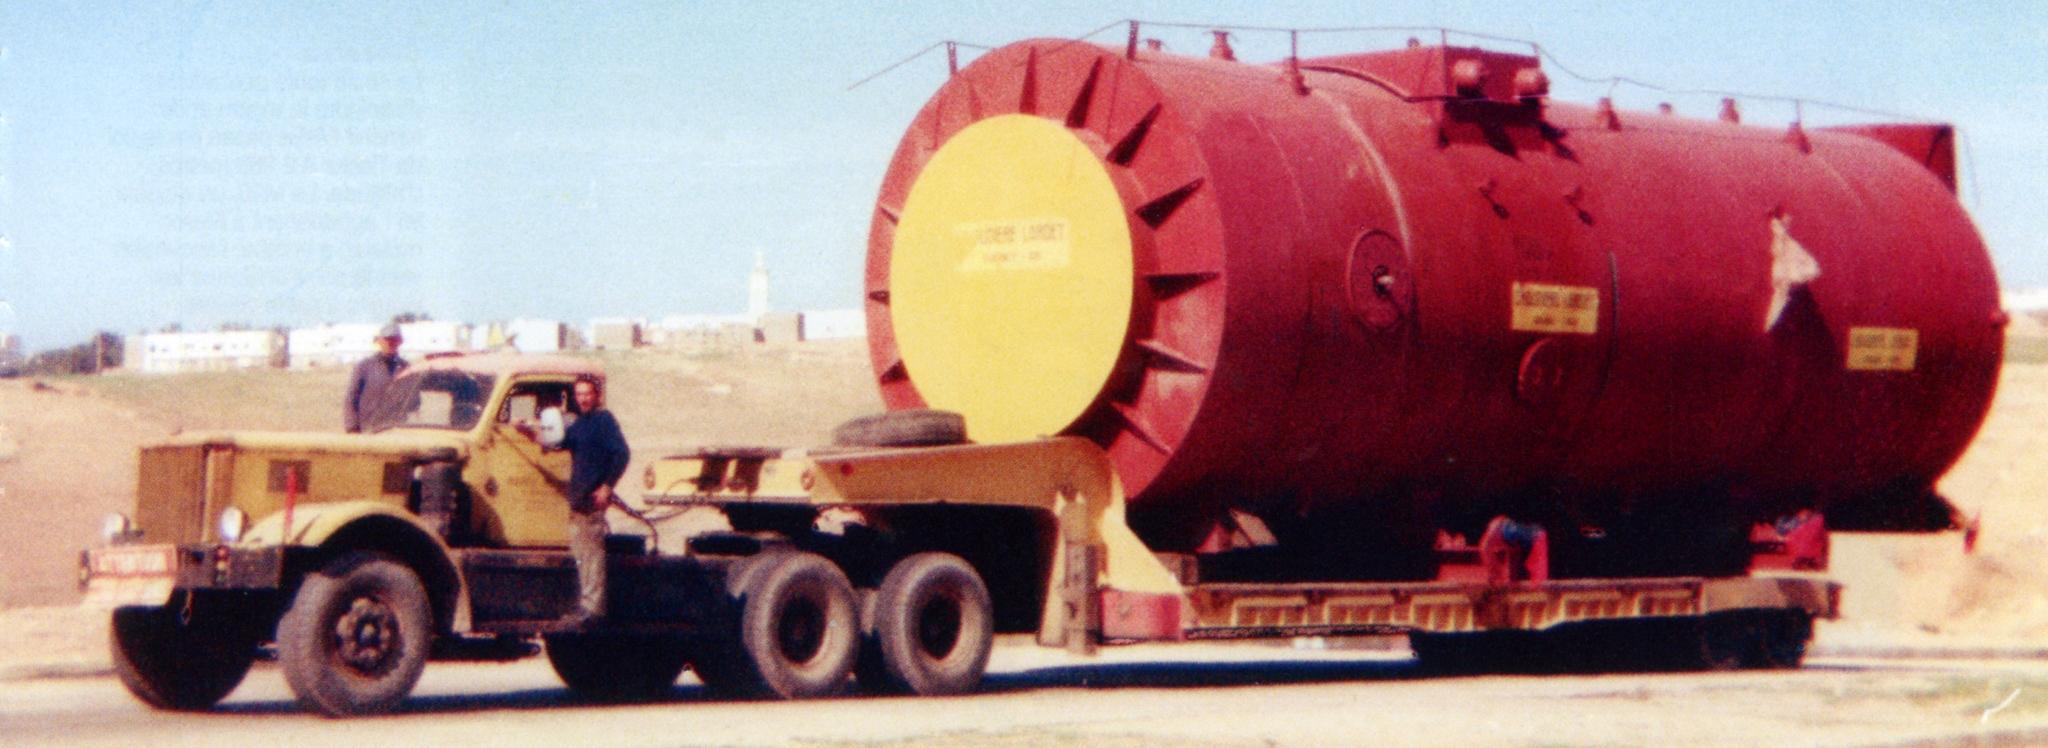 Transport Routier au Maroc - Histoire - Page 3 49911228231_8210c1a11b_o_d